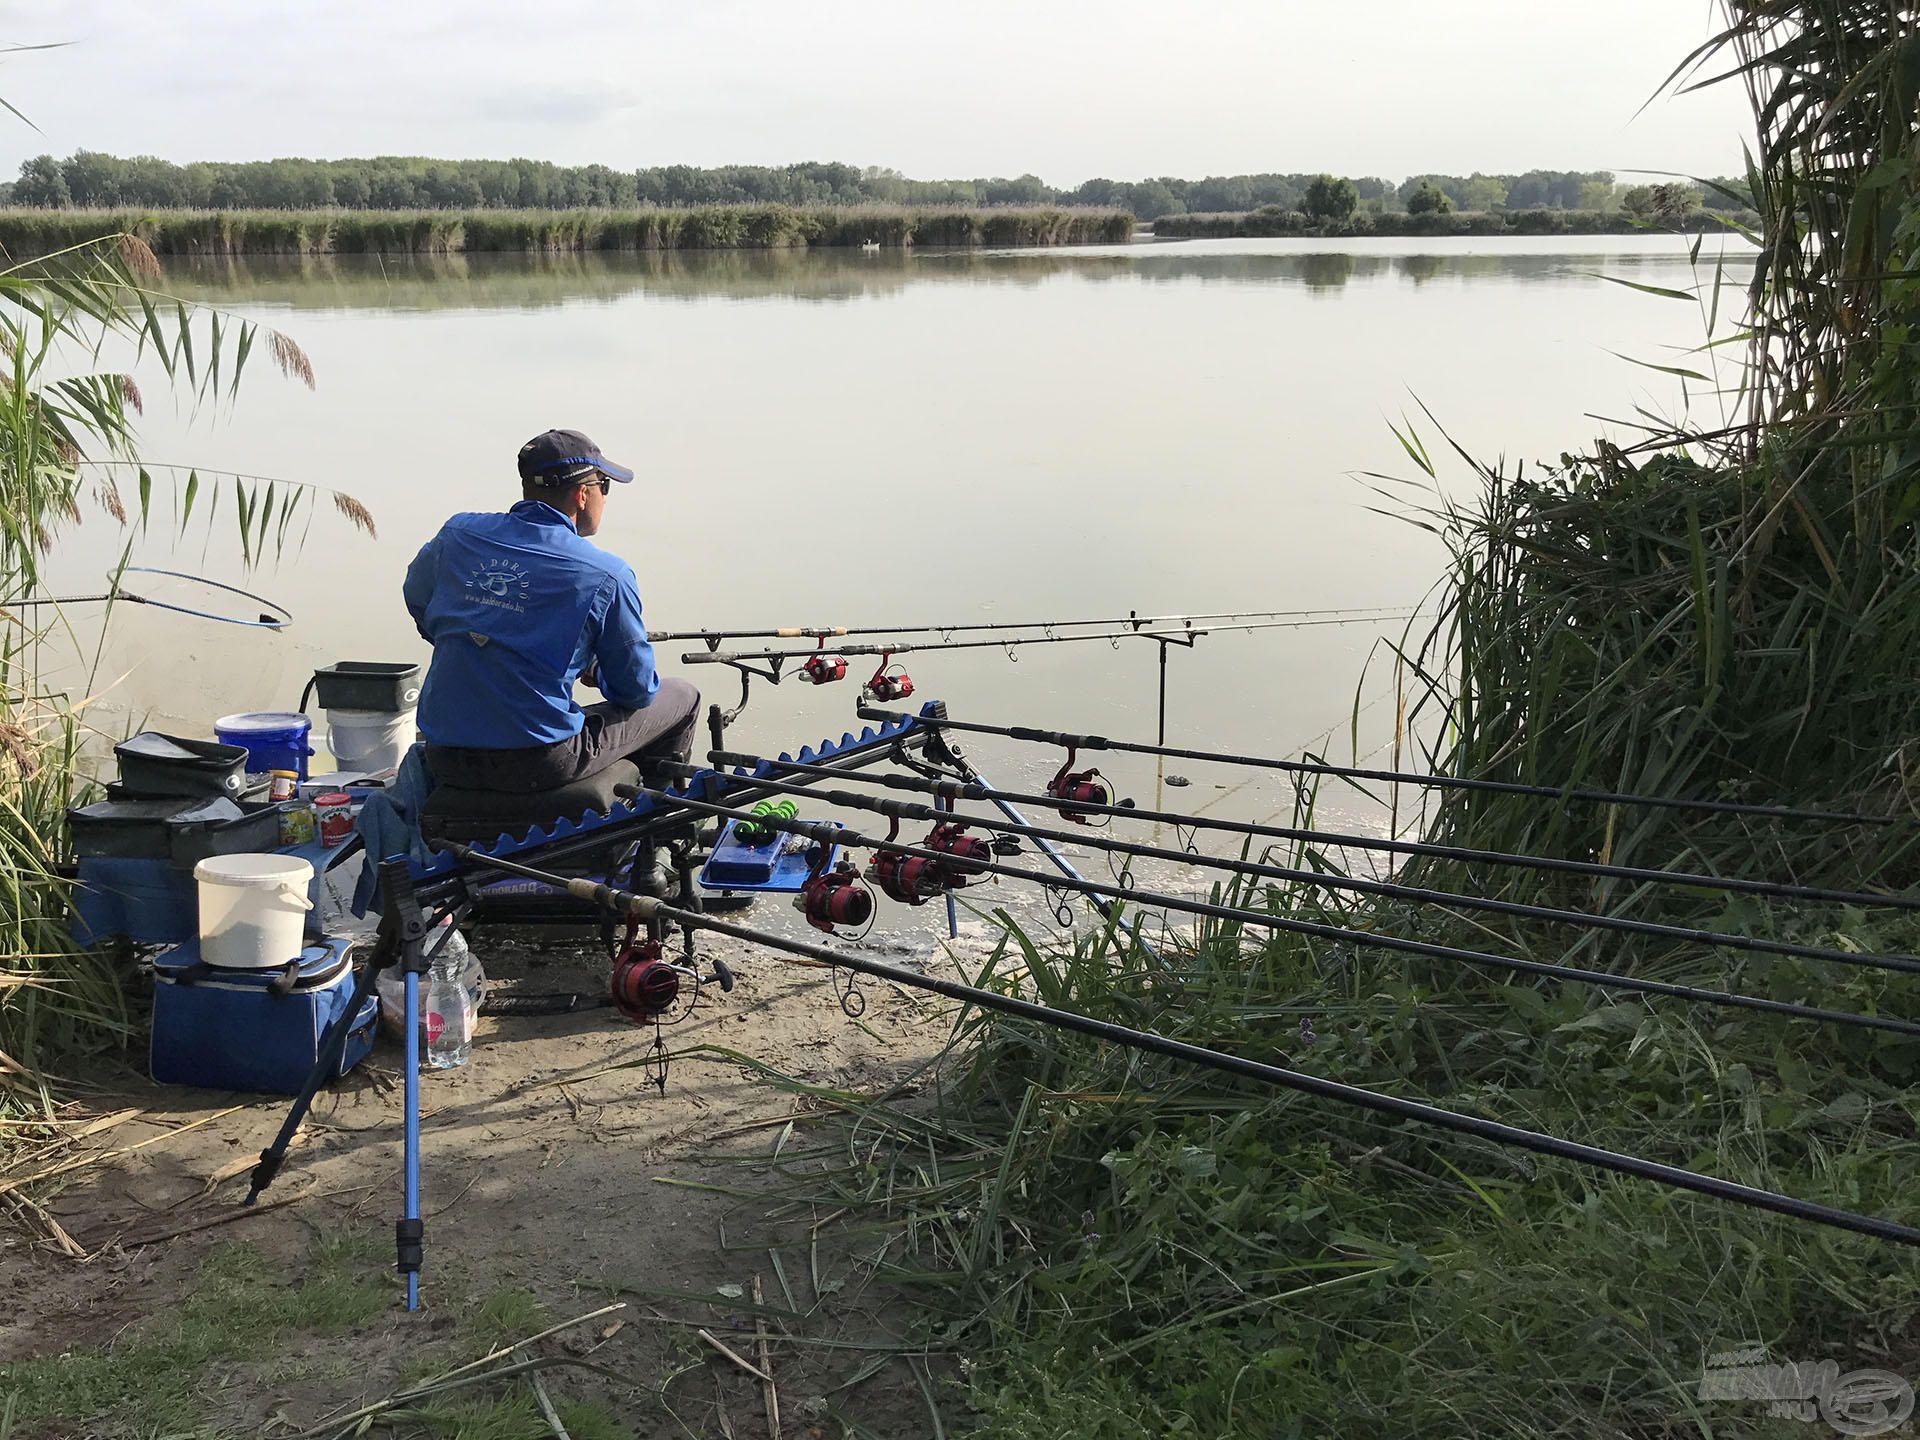 A rövid idejű horgászatok során meggyőződésem, hogy a nagy távolságú method feeder a legeredményesebb pontyfogó technika a közepes és nagykiterjedésű tavakon, legyen szó hétköznapi vagy versenyhorgászatról